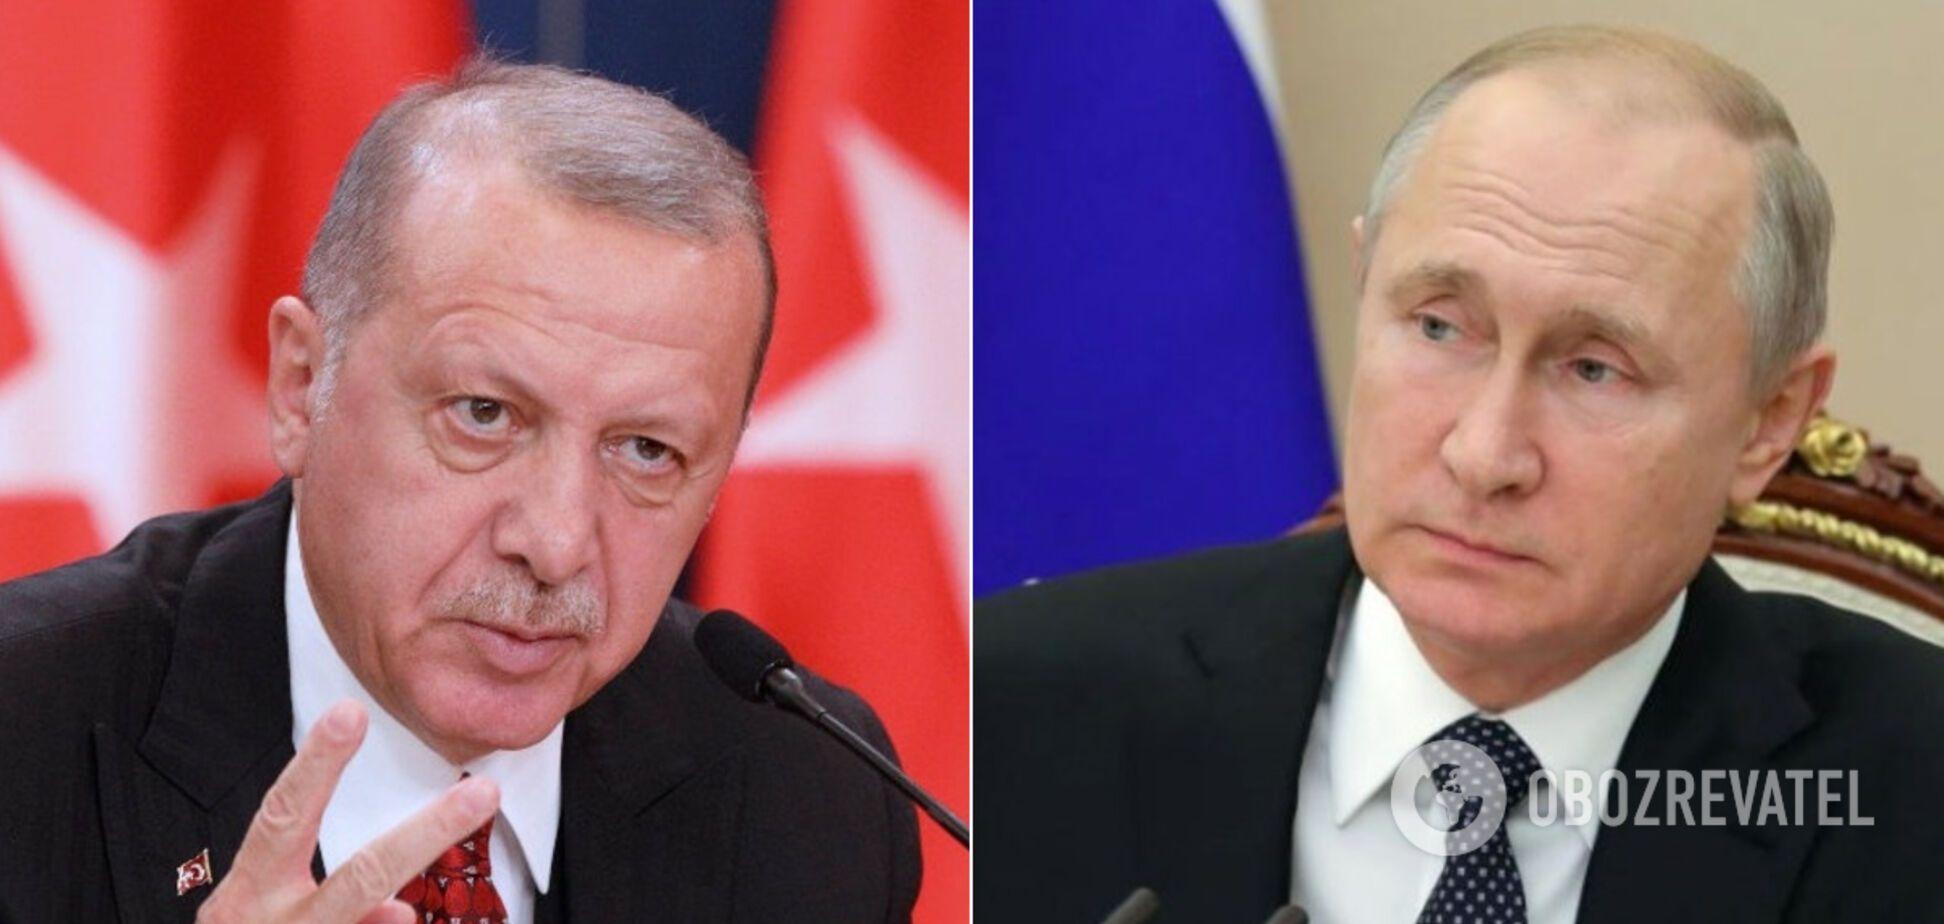 Эрдоган похвастался разгромом военных Асада и Путина в Сирии. Видео